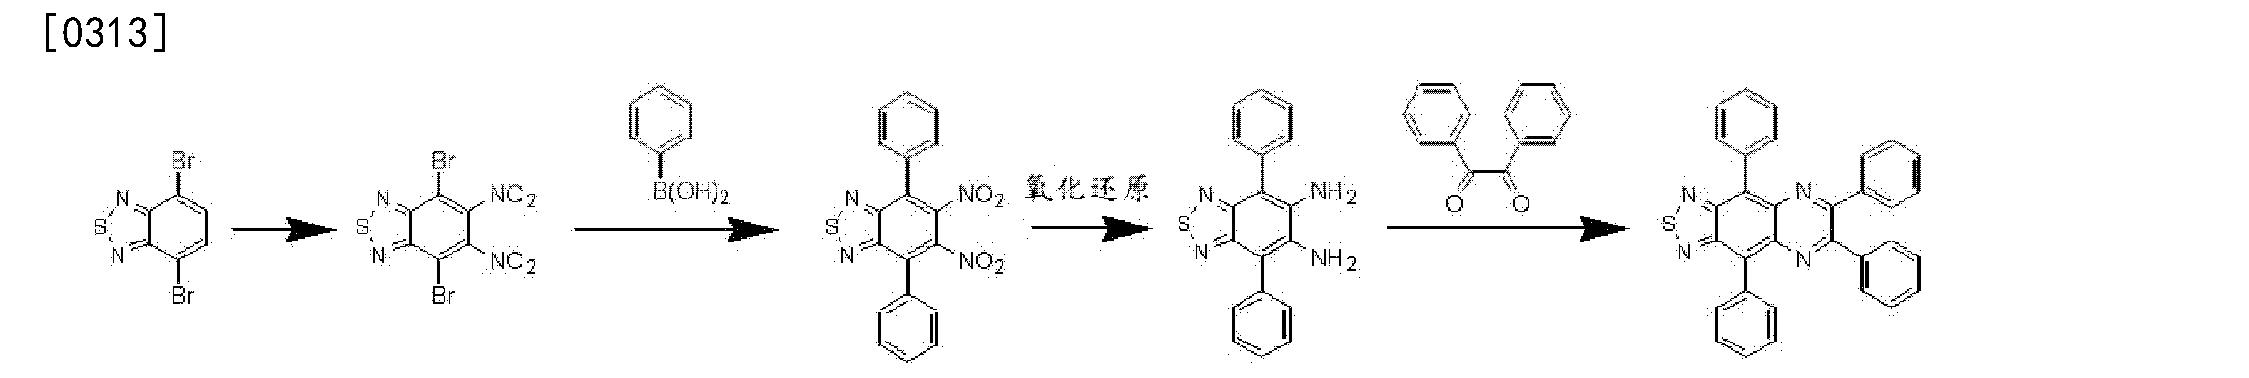 Figure CN102731533BD00331